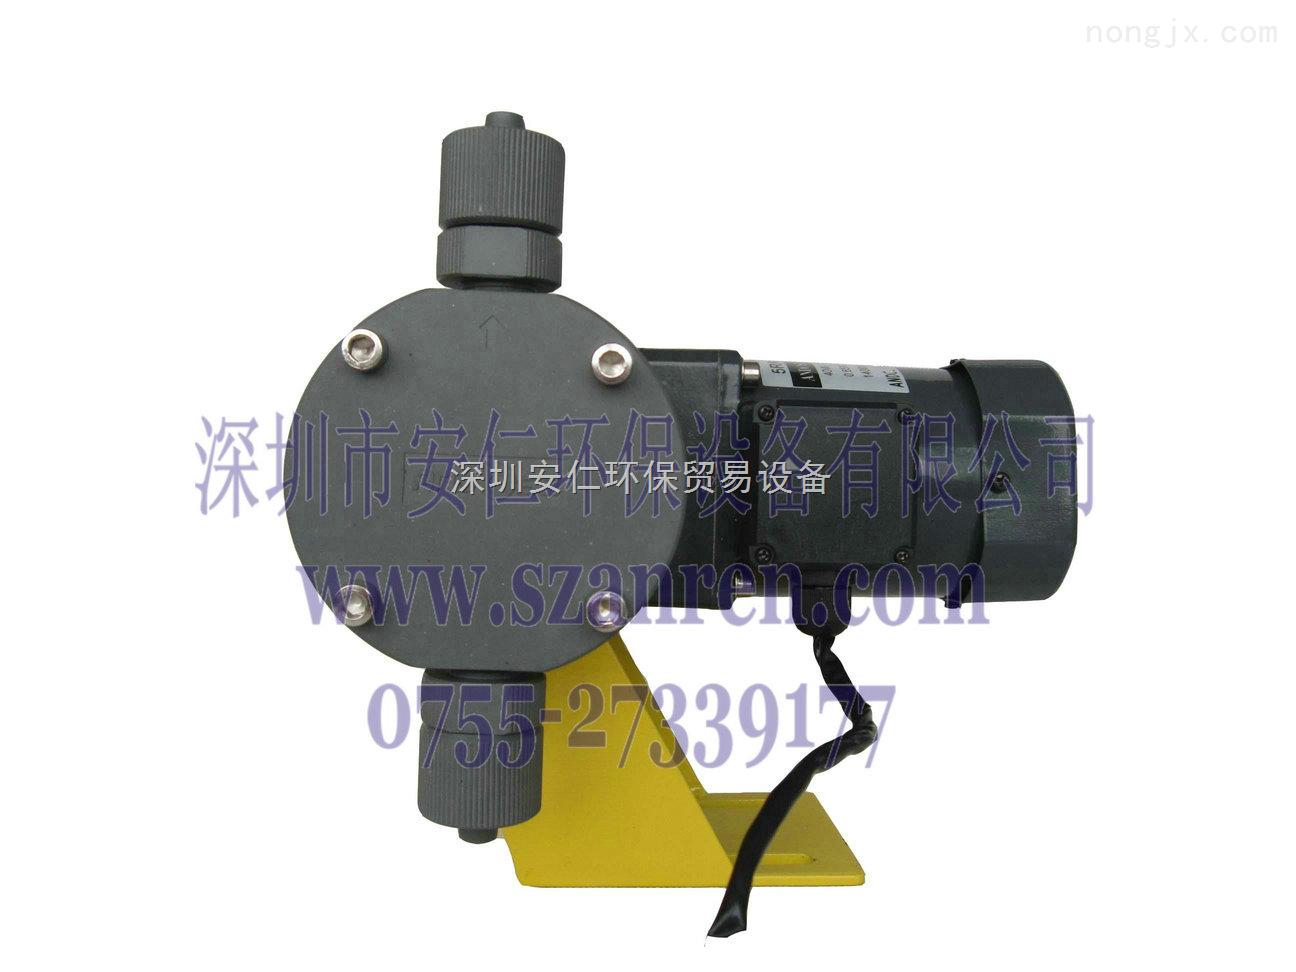 专业销售意大利正品MS1A094A隔膜计量泵,直销价格便宜